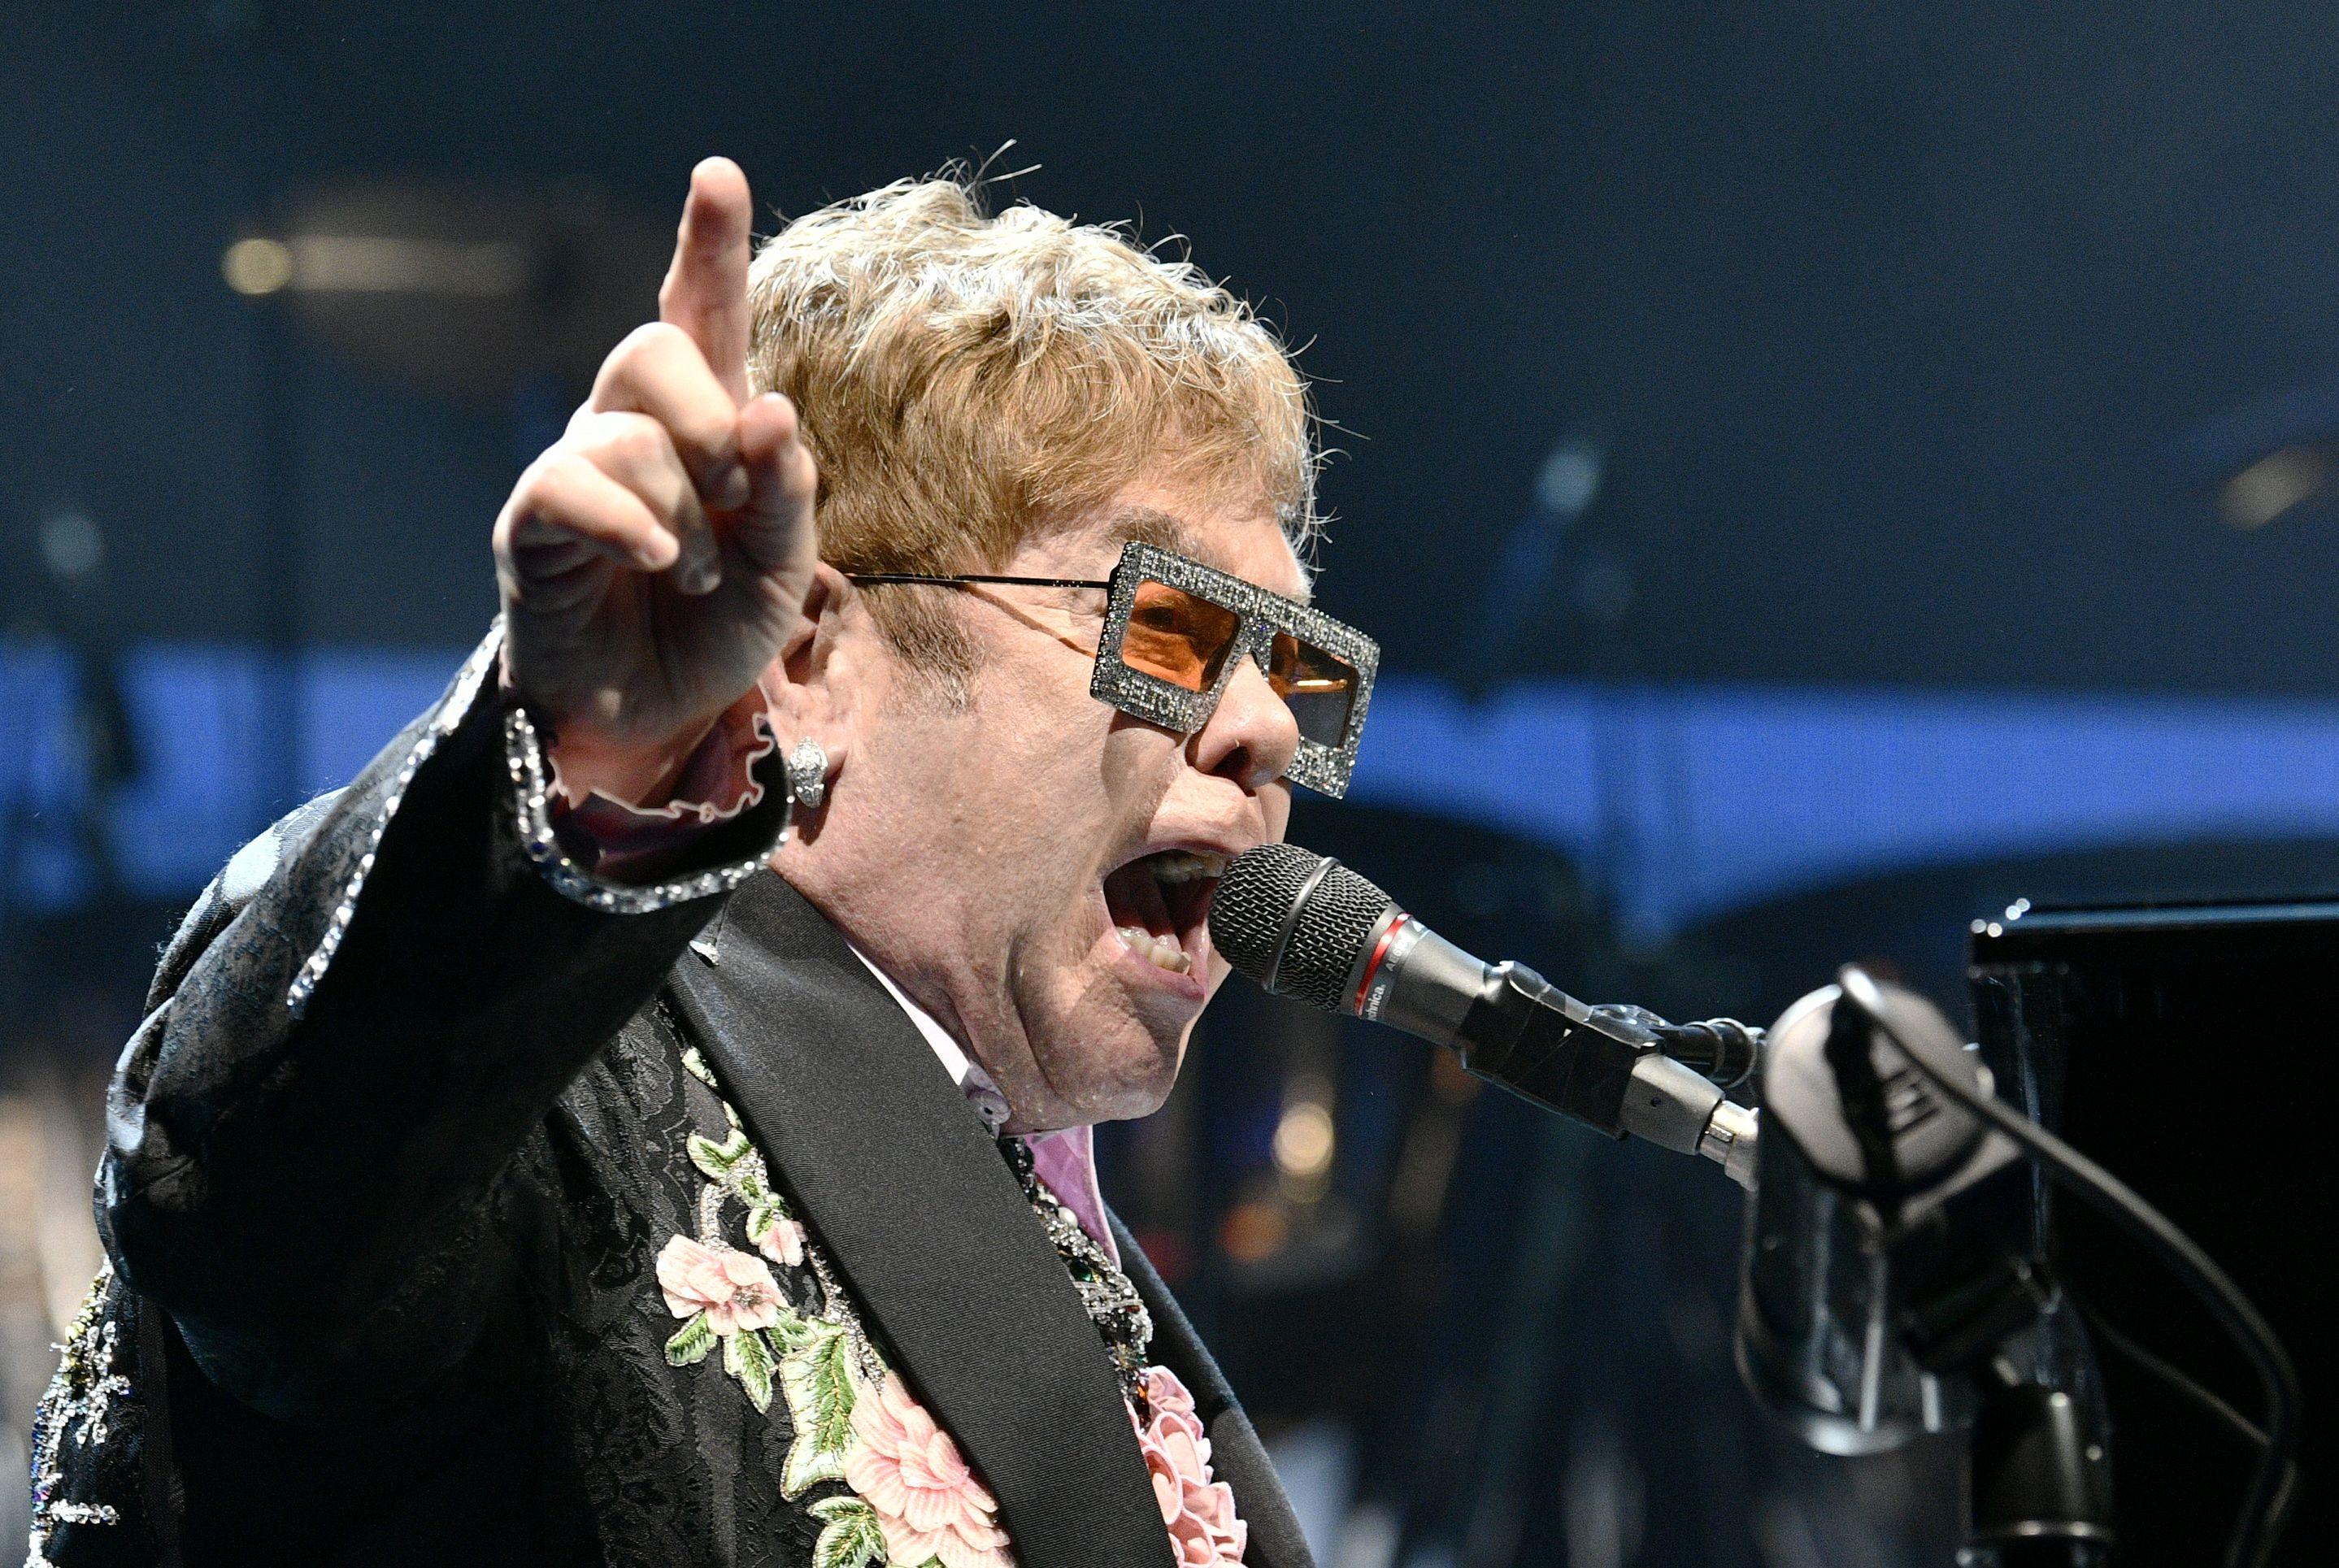 Abschied: Elton John hat Wien Lebewohl gesagt